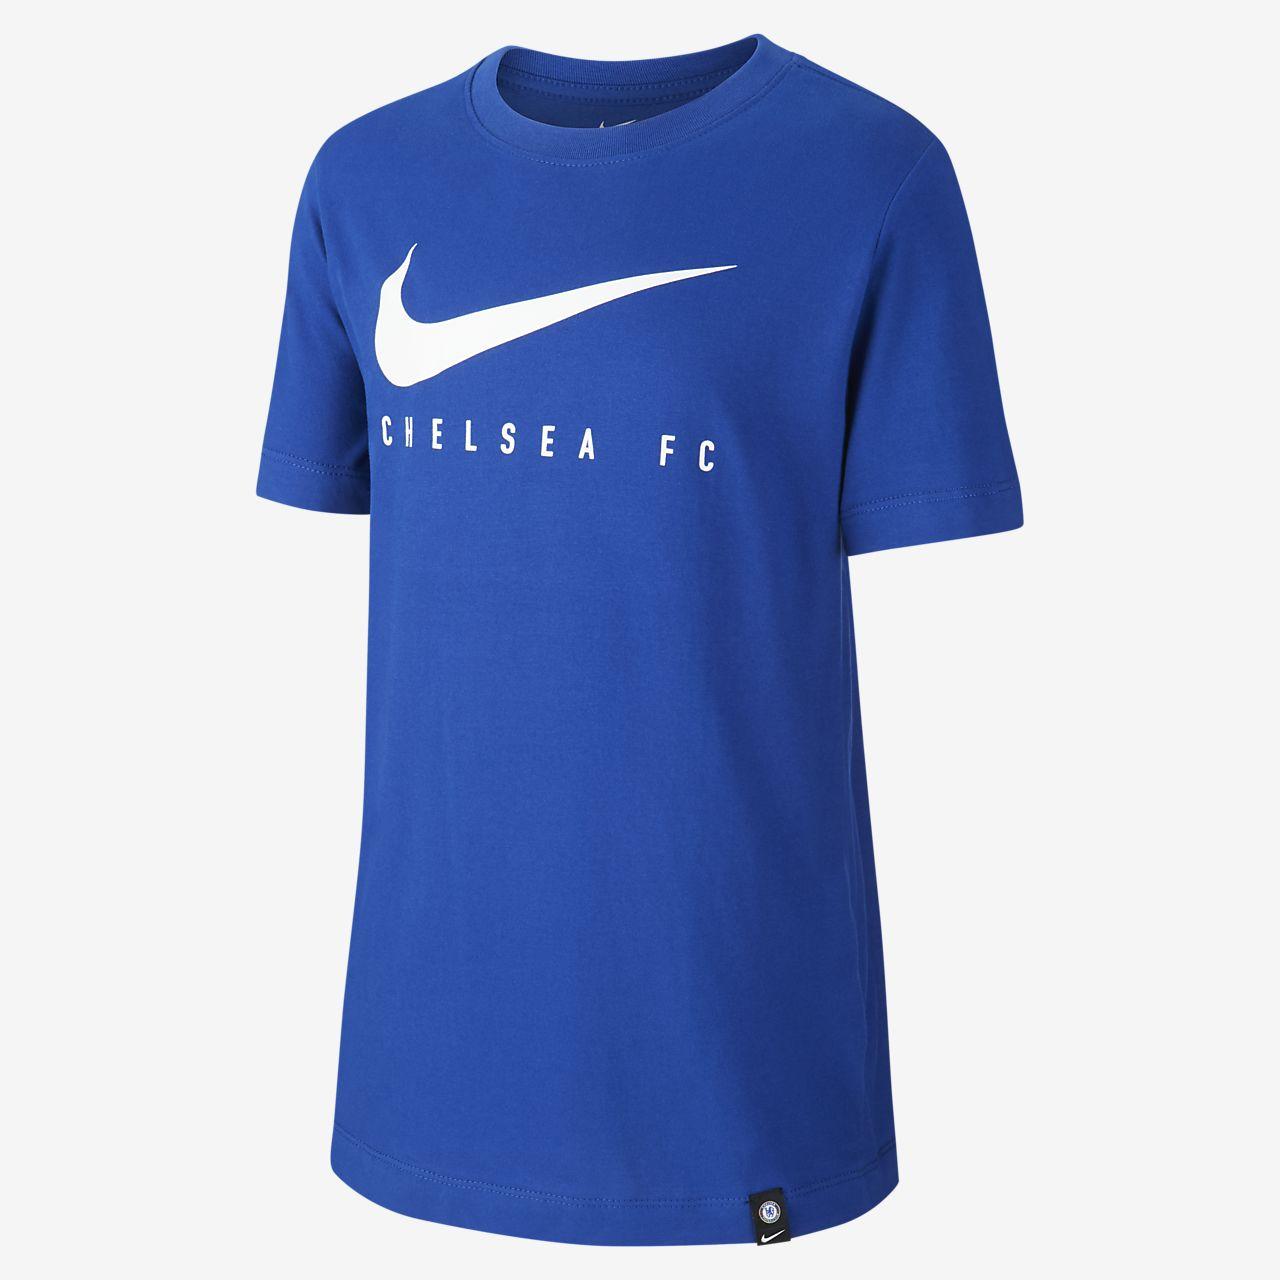 Fotbalové tričko Nike Dri-FIT Chelsea FC pro větší děti